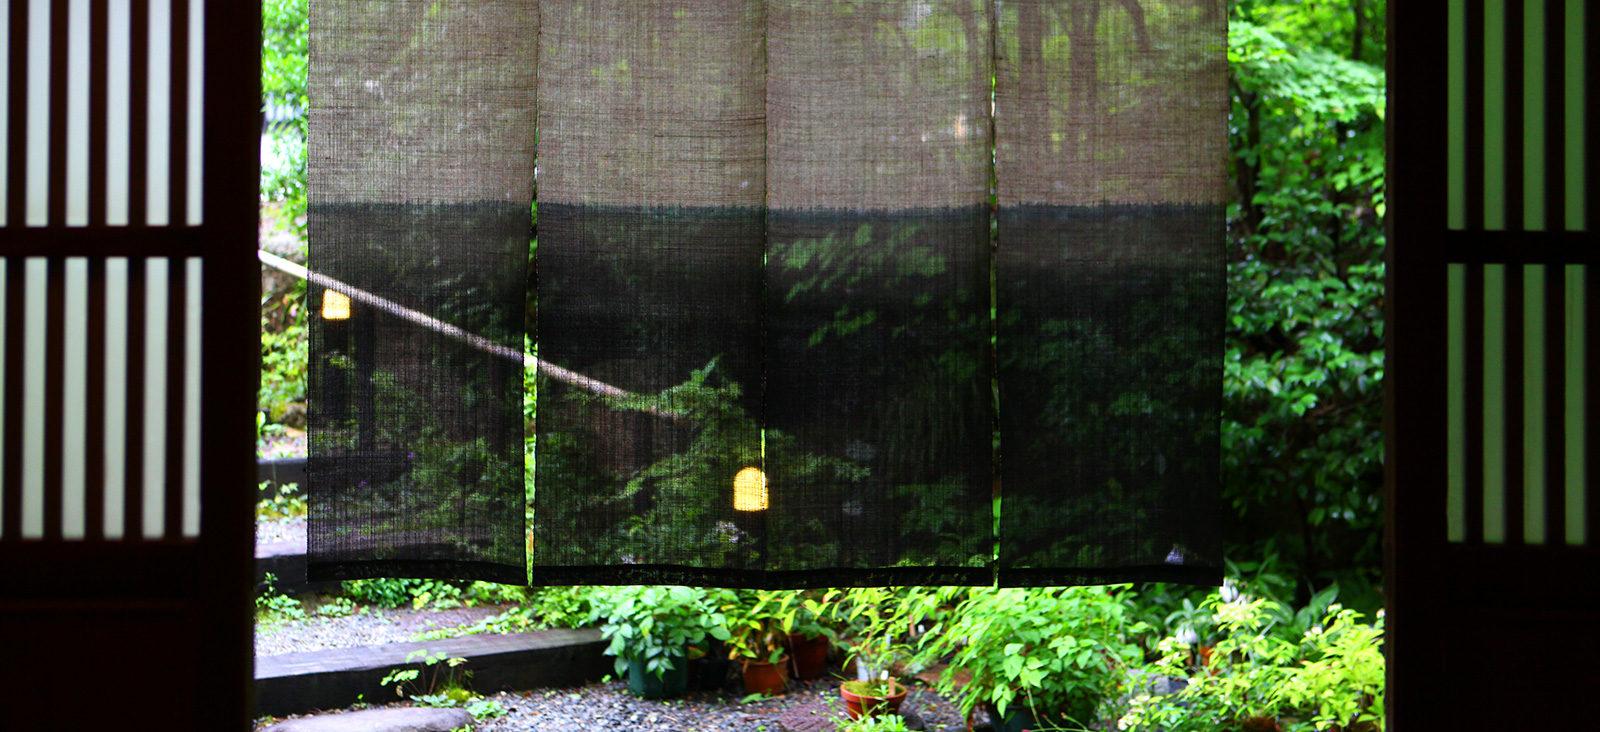 にし屋別荘入口の暖簾